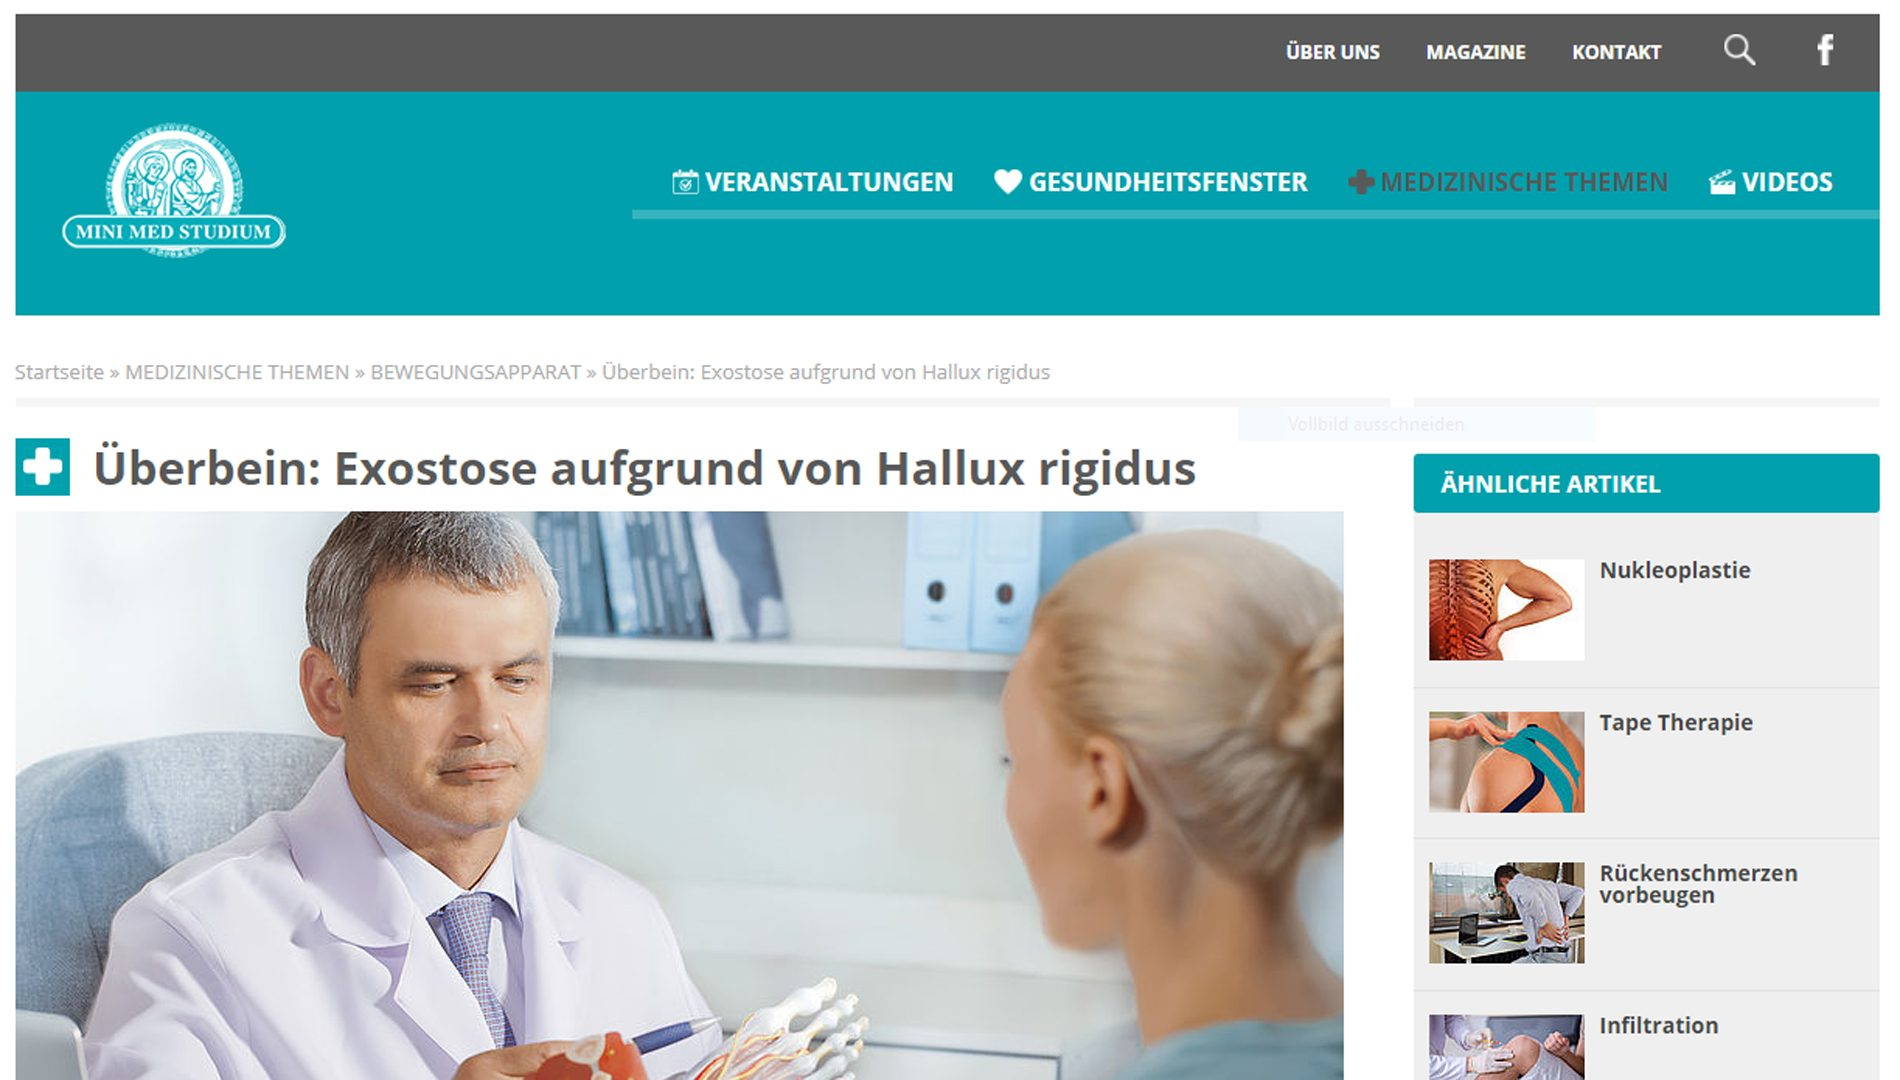 """""""Überbein: Exostose aufgrund von Hallux rigidus"""" (minimed.at, Juni 2019)"""